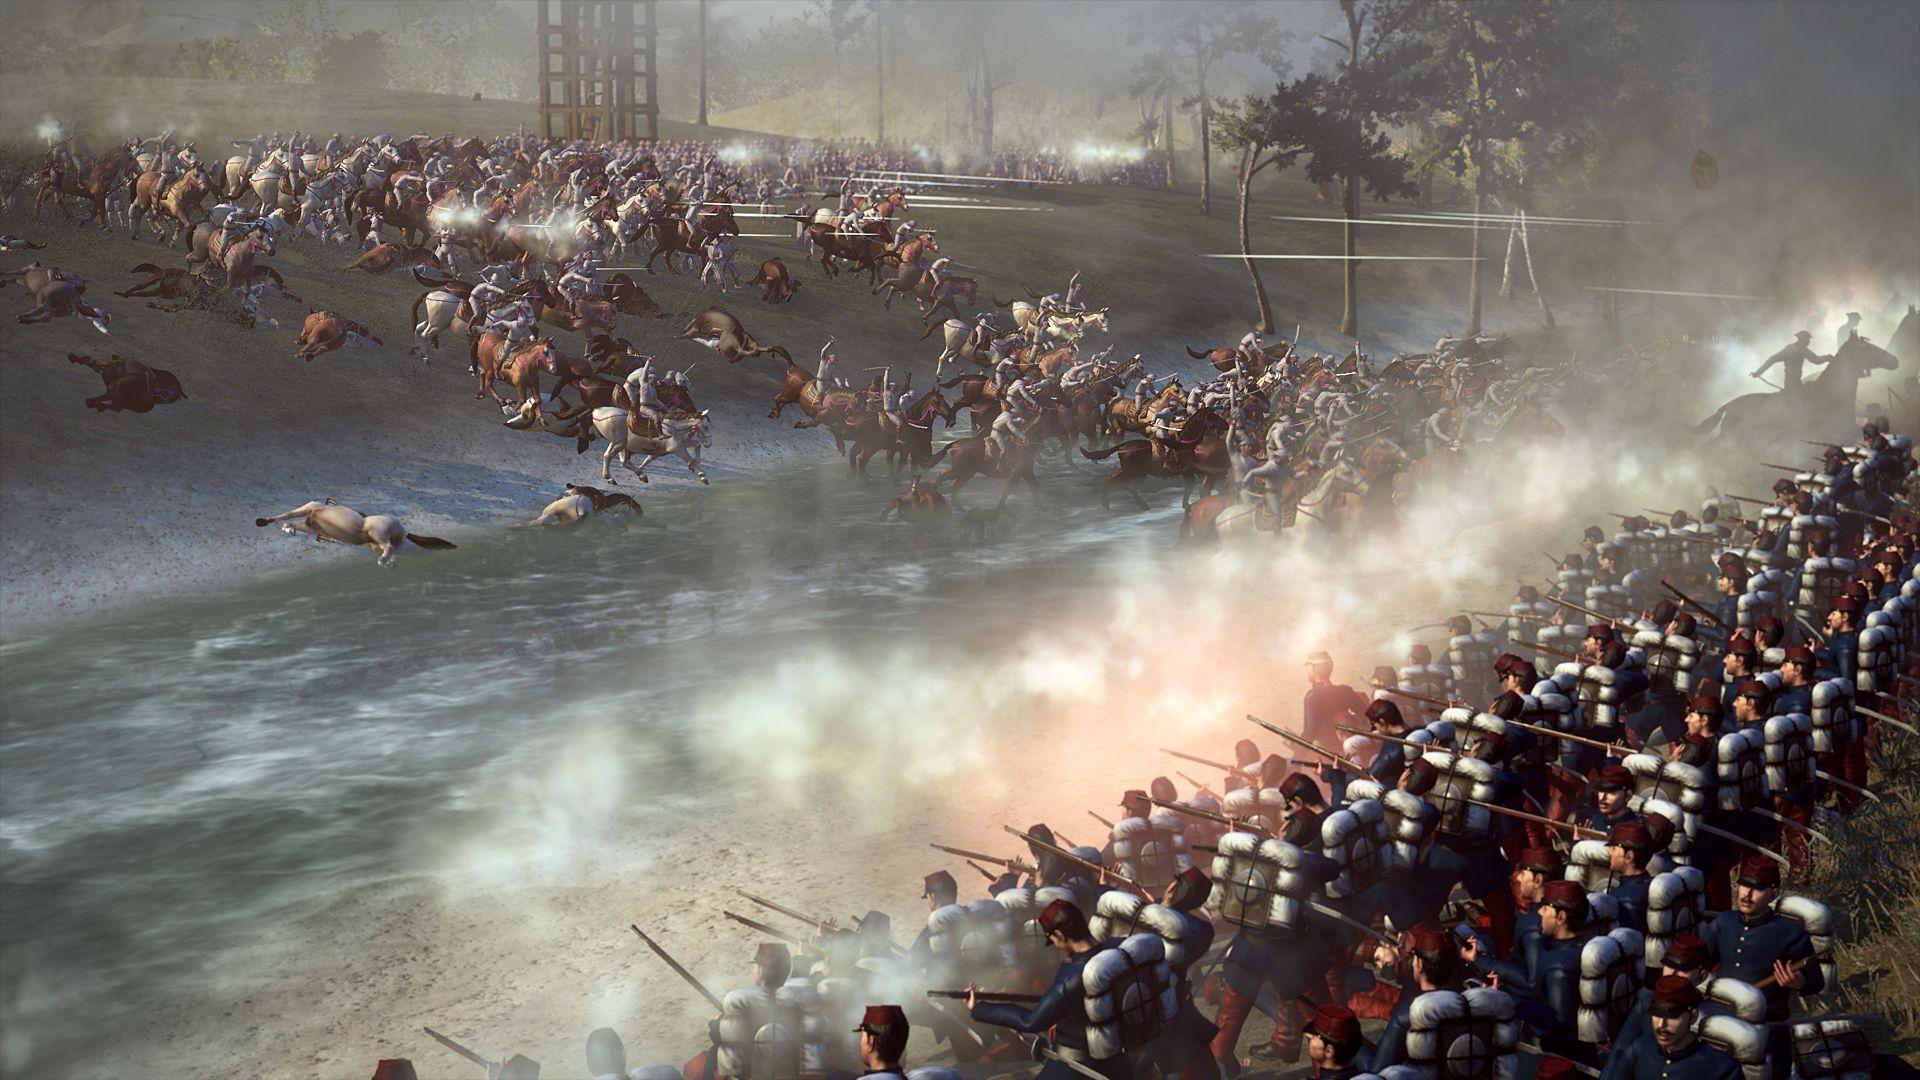 Datum vydání datadisku Shogun 2: Fall of the Samurai 59625